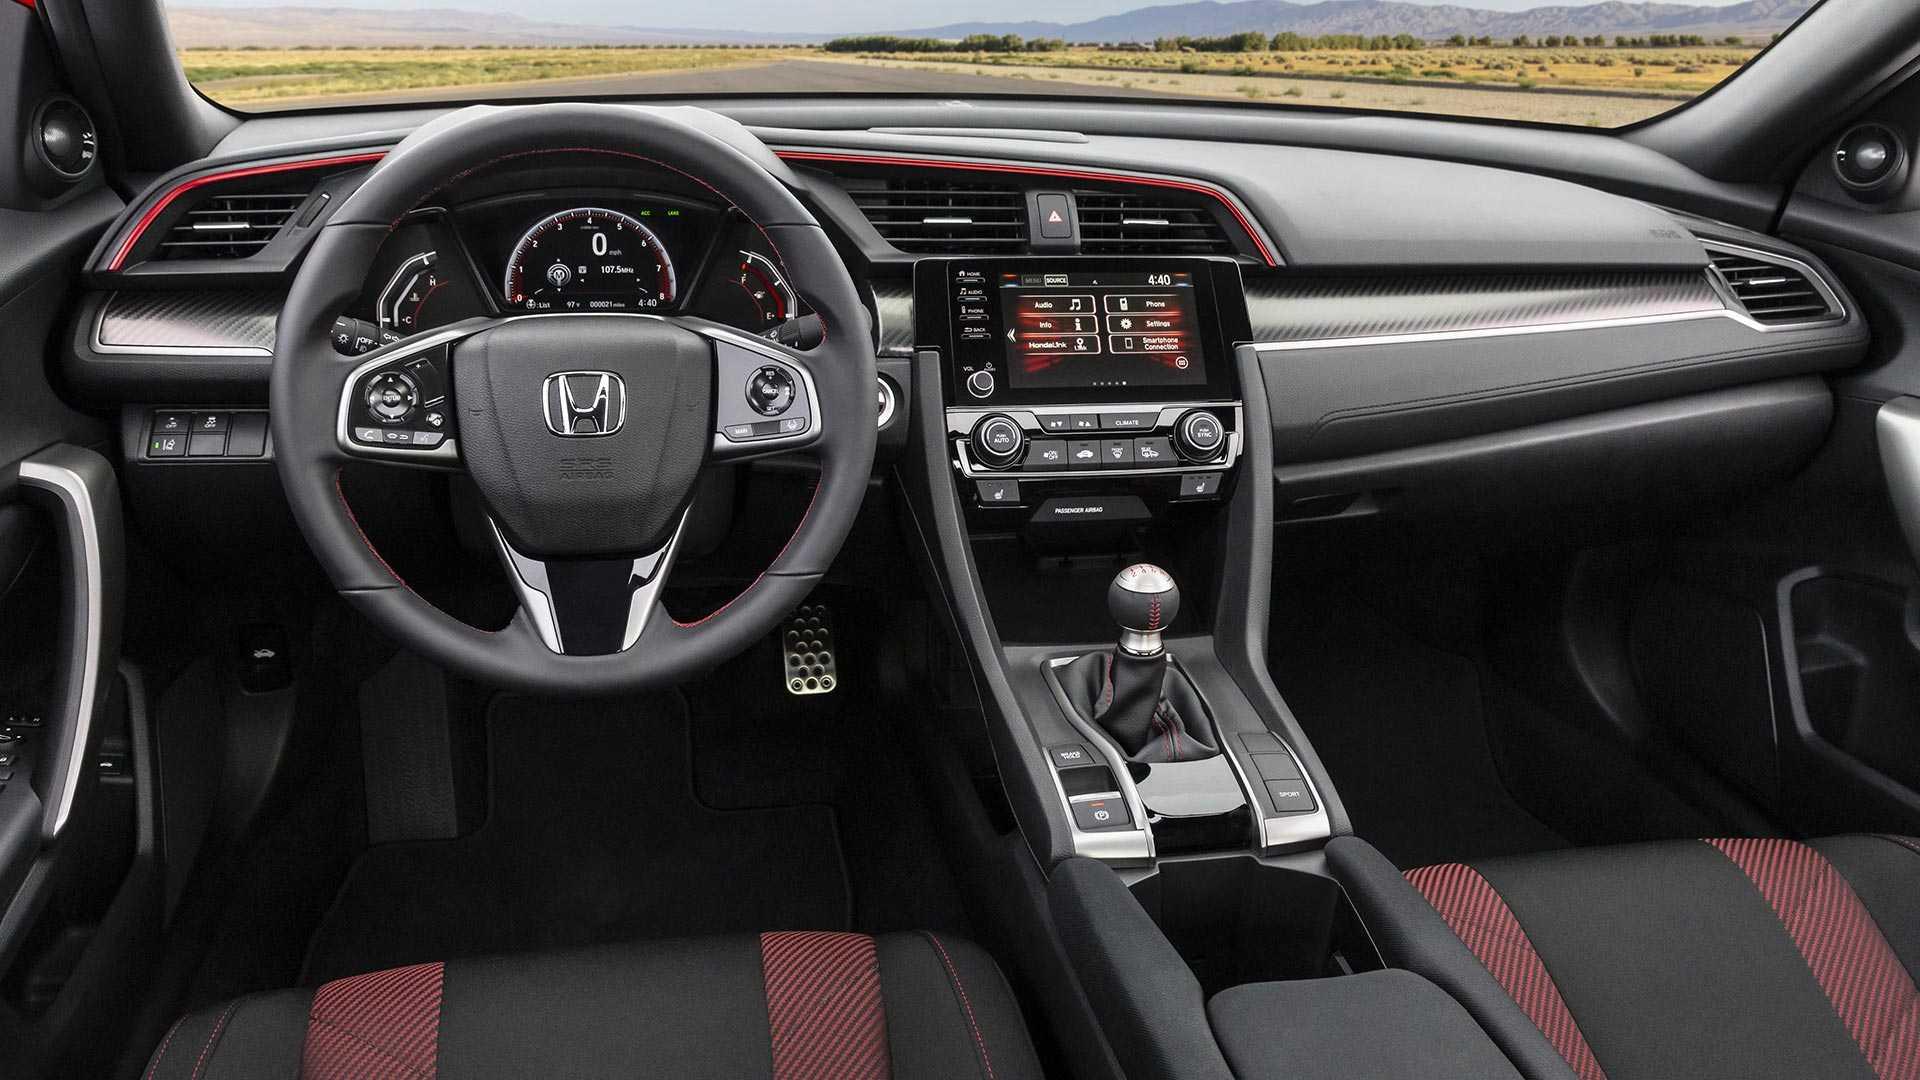 Khám phá Honda Civic Si 2020 phiên bản thể thao - 14